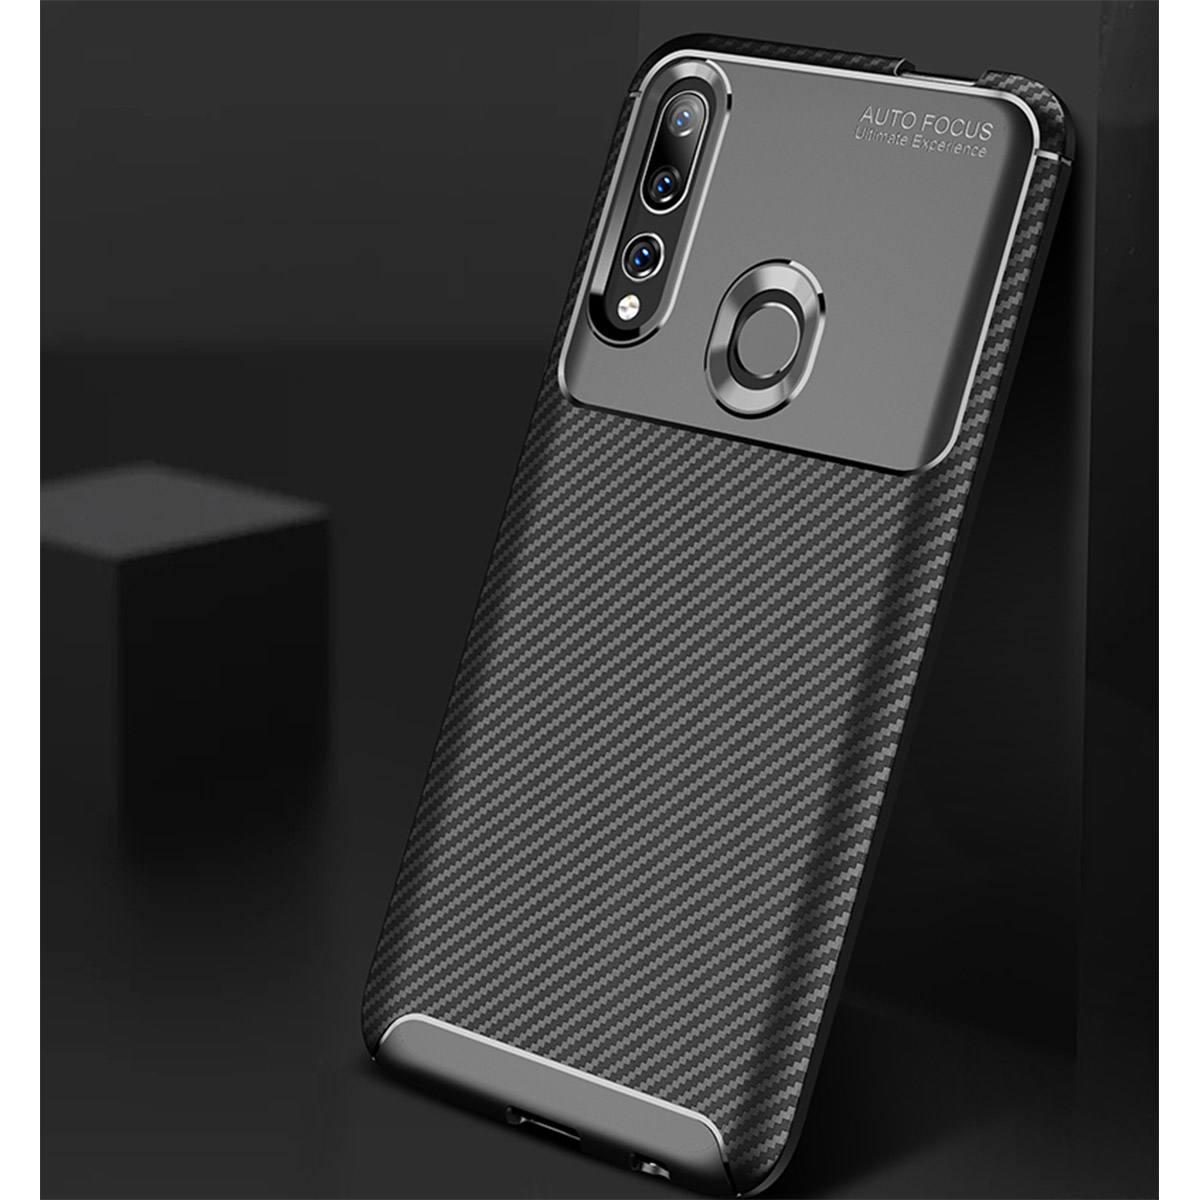 کاور لاین کینگ مدل A21 مناسب برای گوشی موبایل هوآوی Y9 Prime 2019 / آنر 9X thumb 2 15